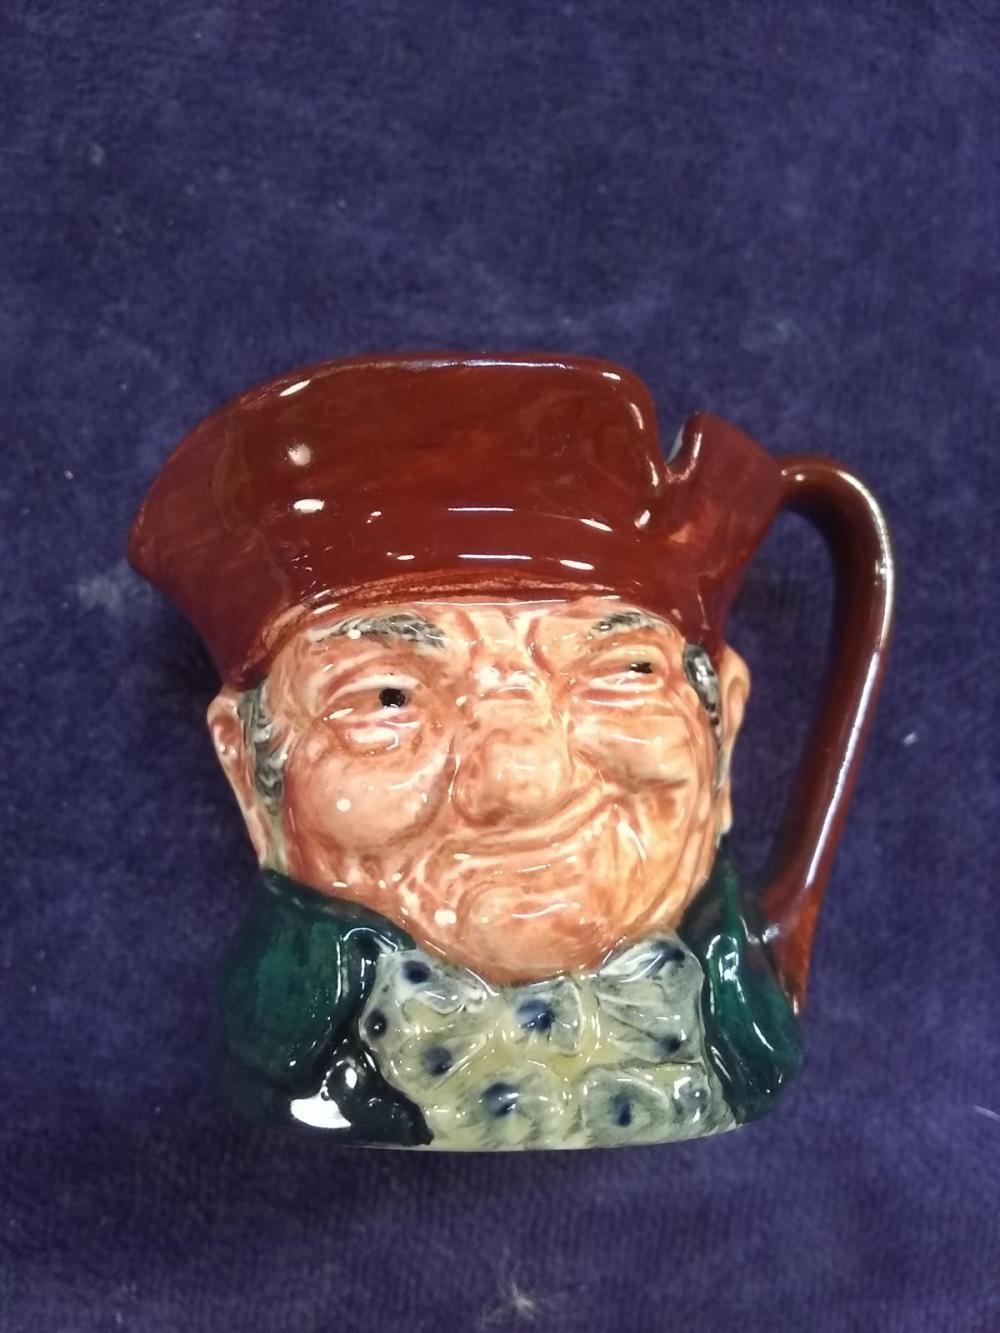 Royal Doulton Mug - Old Charlie